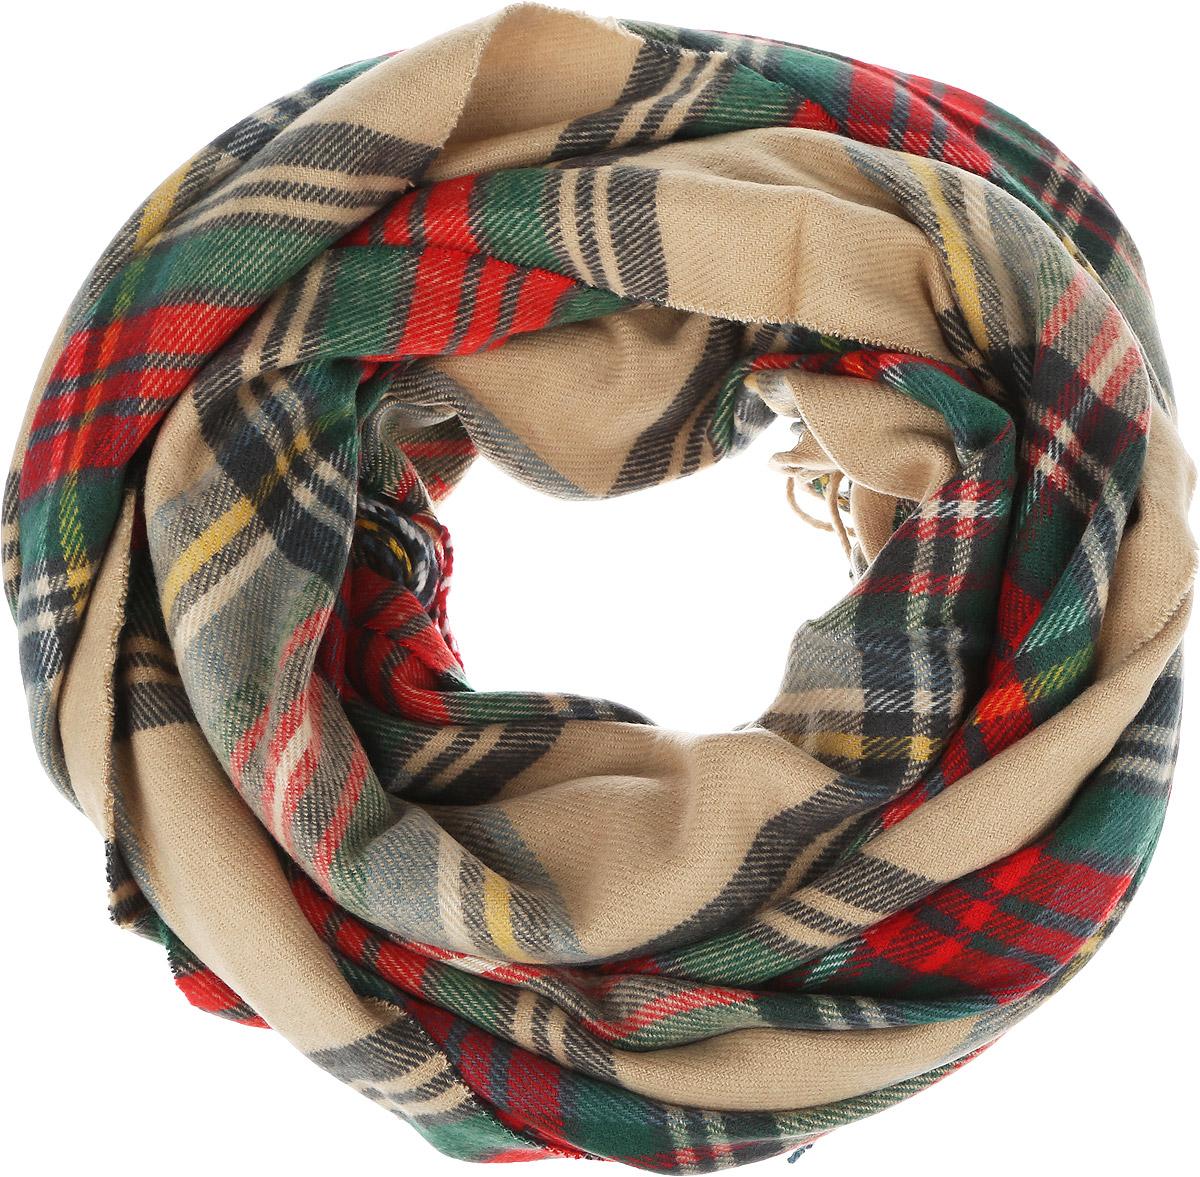 Шарф женский. B301B301_Sage-BeigeСтильный женский шарф Baon станет великолепным завершением любого наряда. Шарф изготовлен из высококачественного акрила с добавлением шерсти и оформлен классическим принтом в крупную клетку. По краям шарф оформлен тонкой бахромой. Широкий, теплый, мягкий и шелковистый шарф поможет вам создать изысканный женственный образ, а также согреет в непогоду.